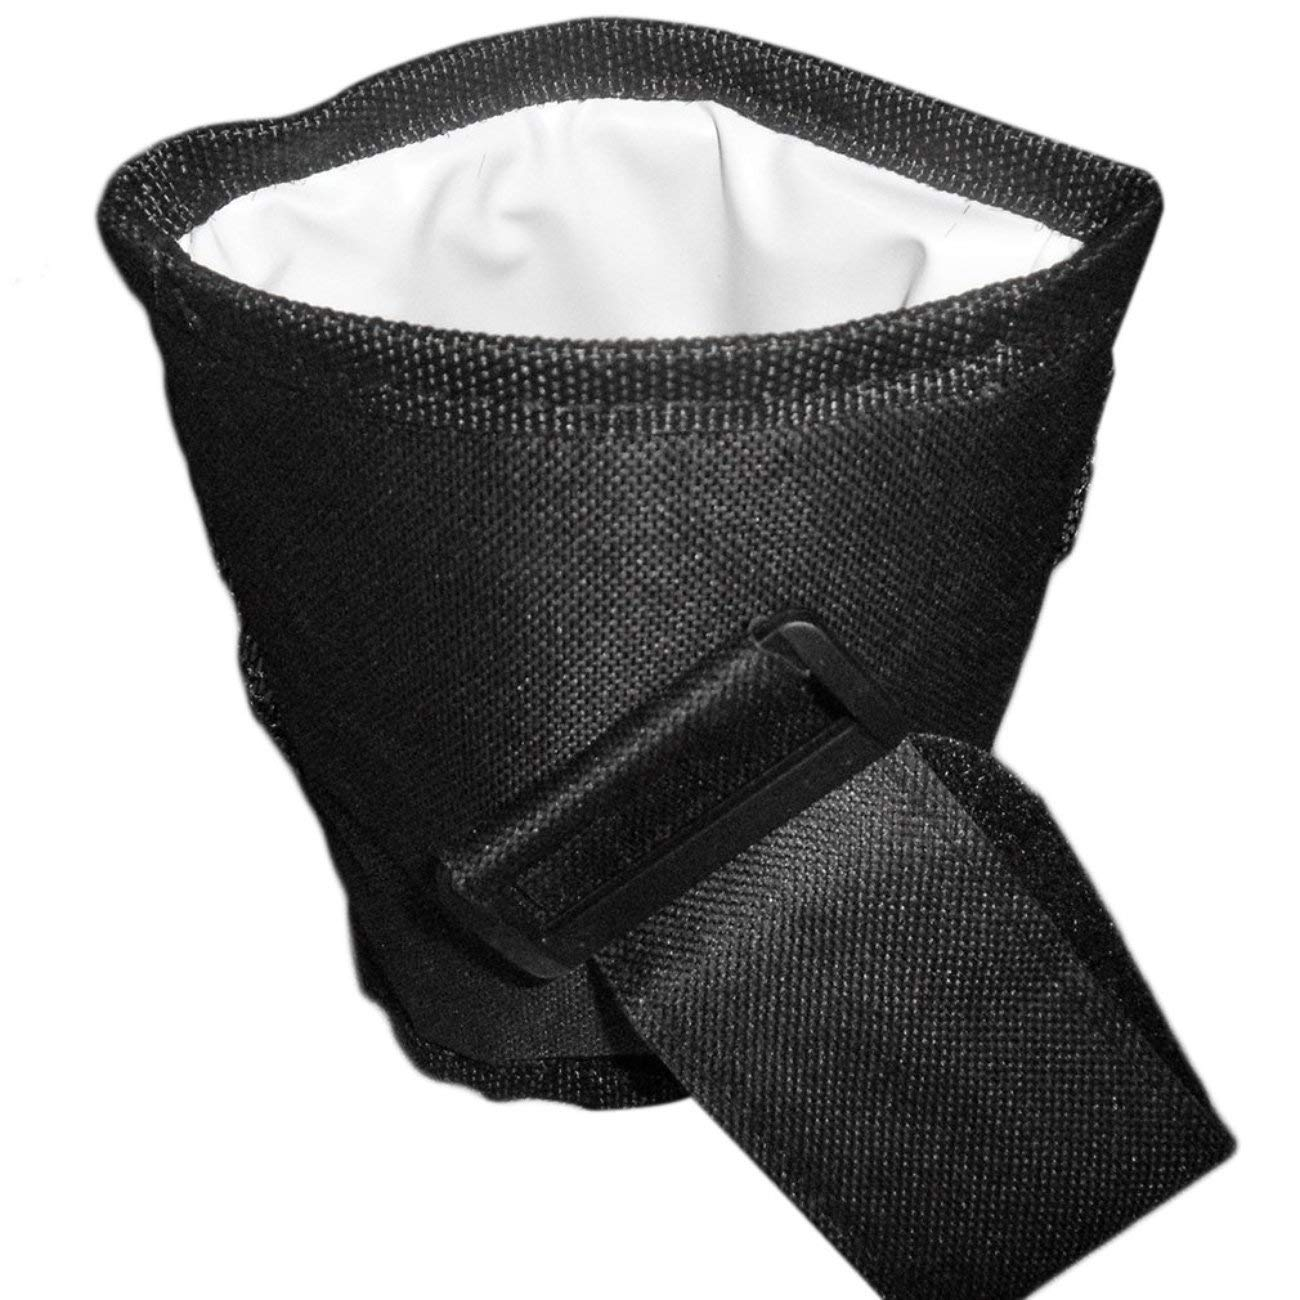 Schwarzer Kinderwagen Getr/änkehalter Milchflasche Rack Aufbewahrungstasche Tasche wasserdicht